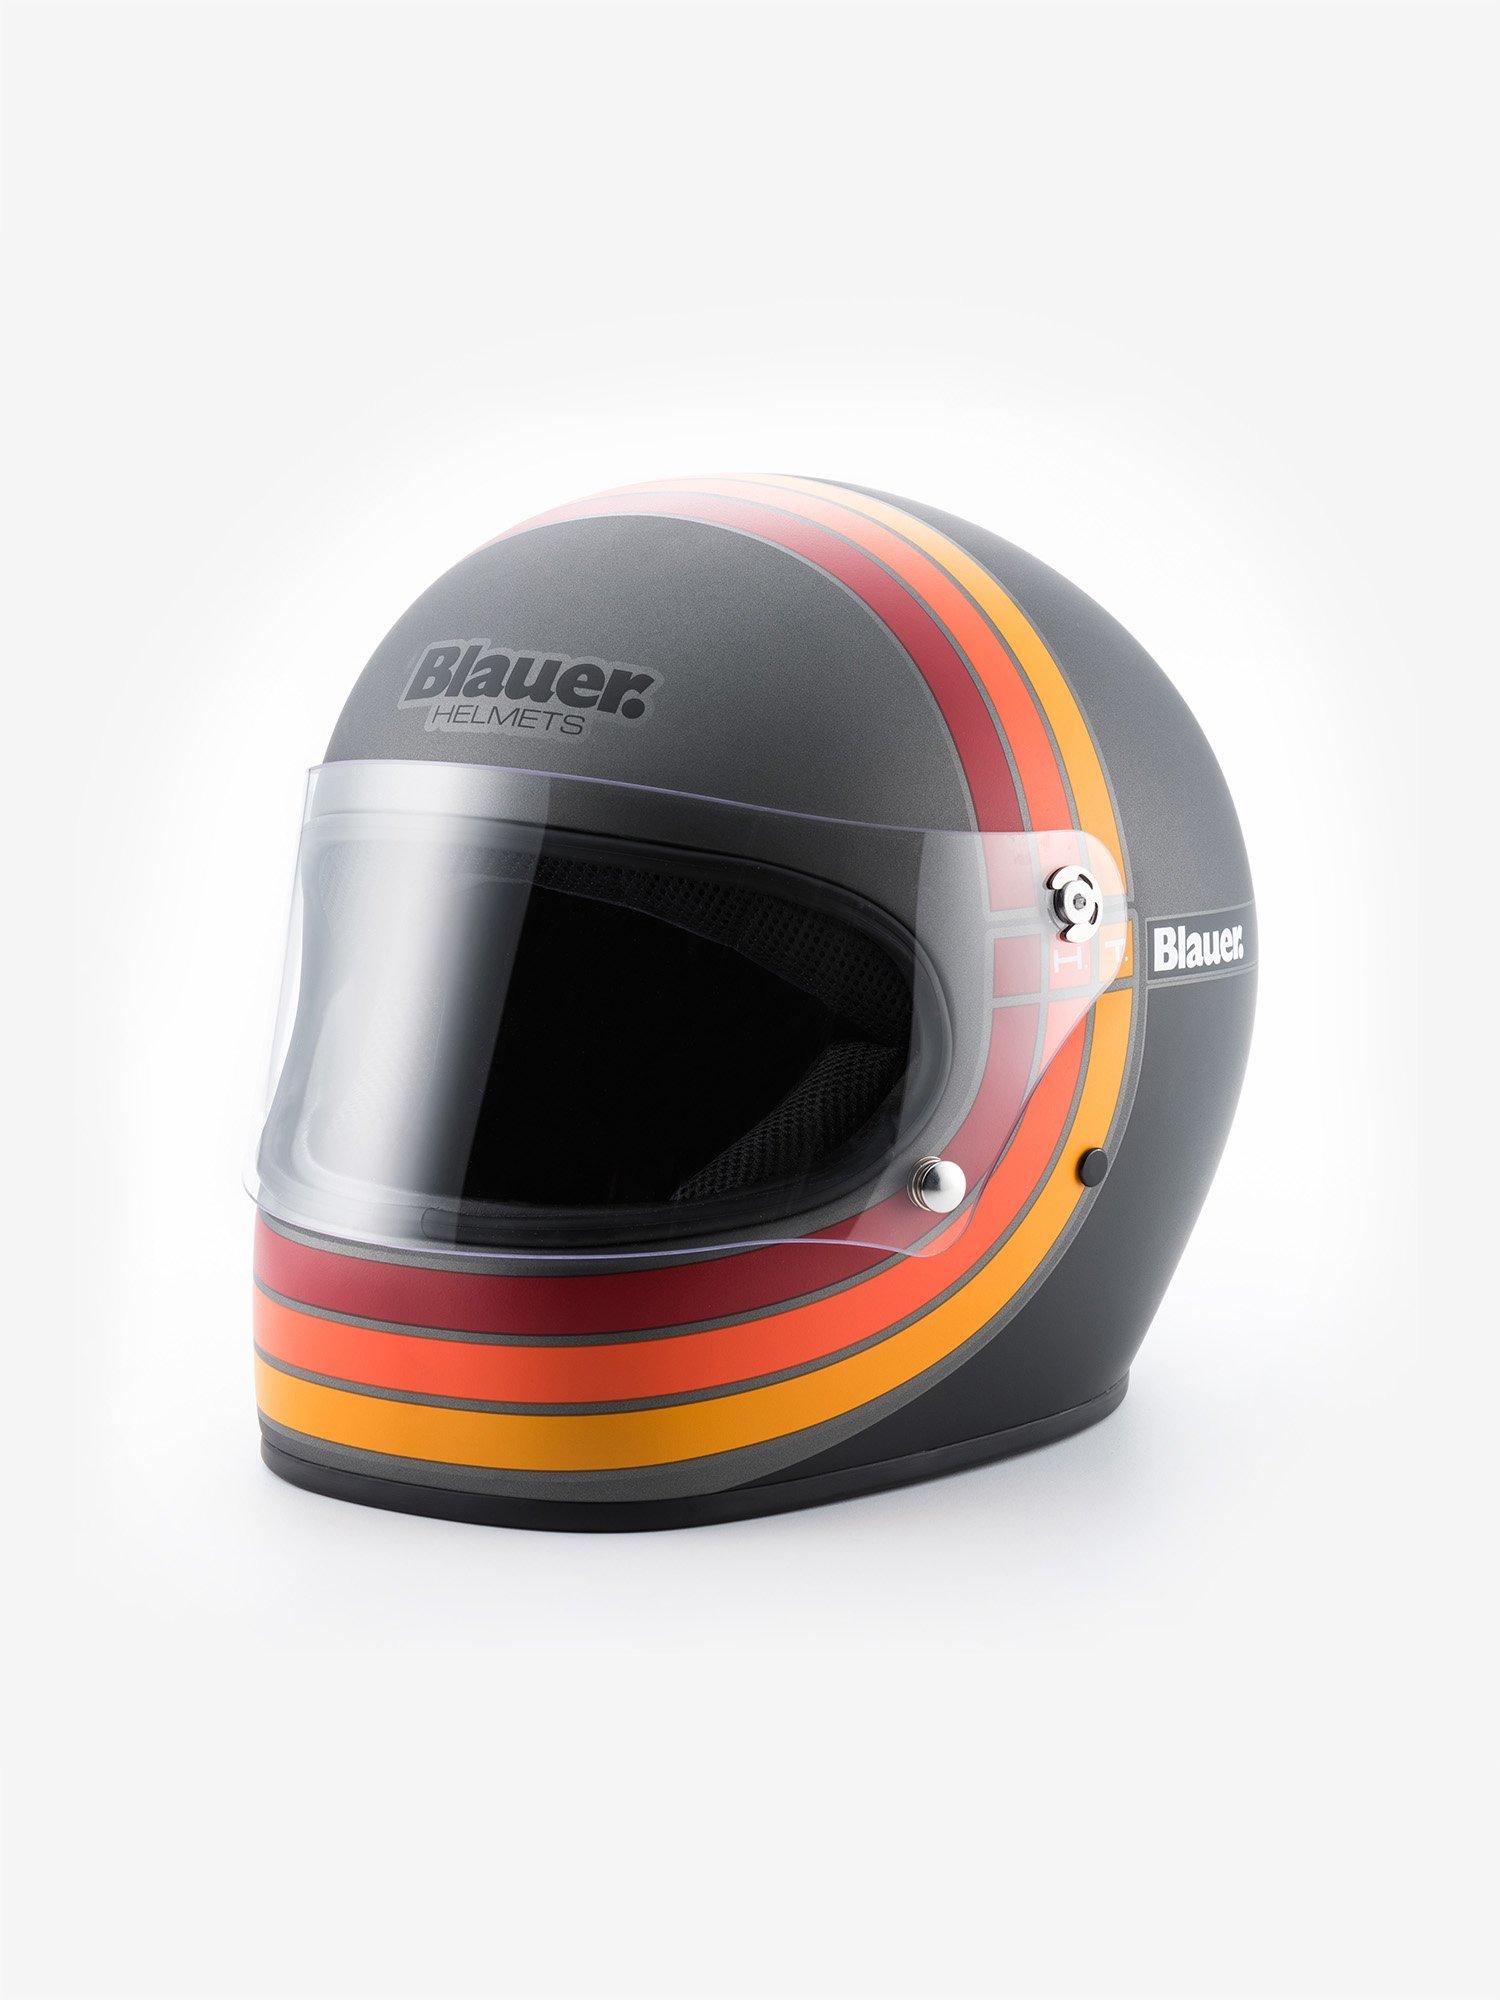 80s CASCO - Blauer